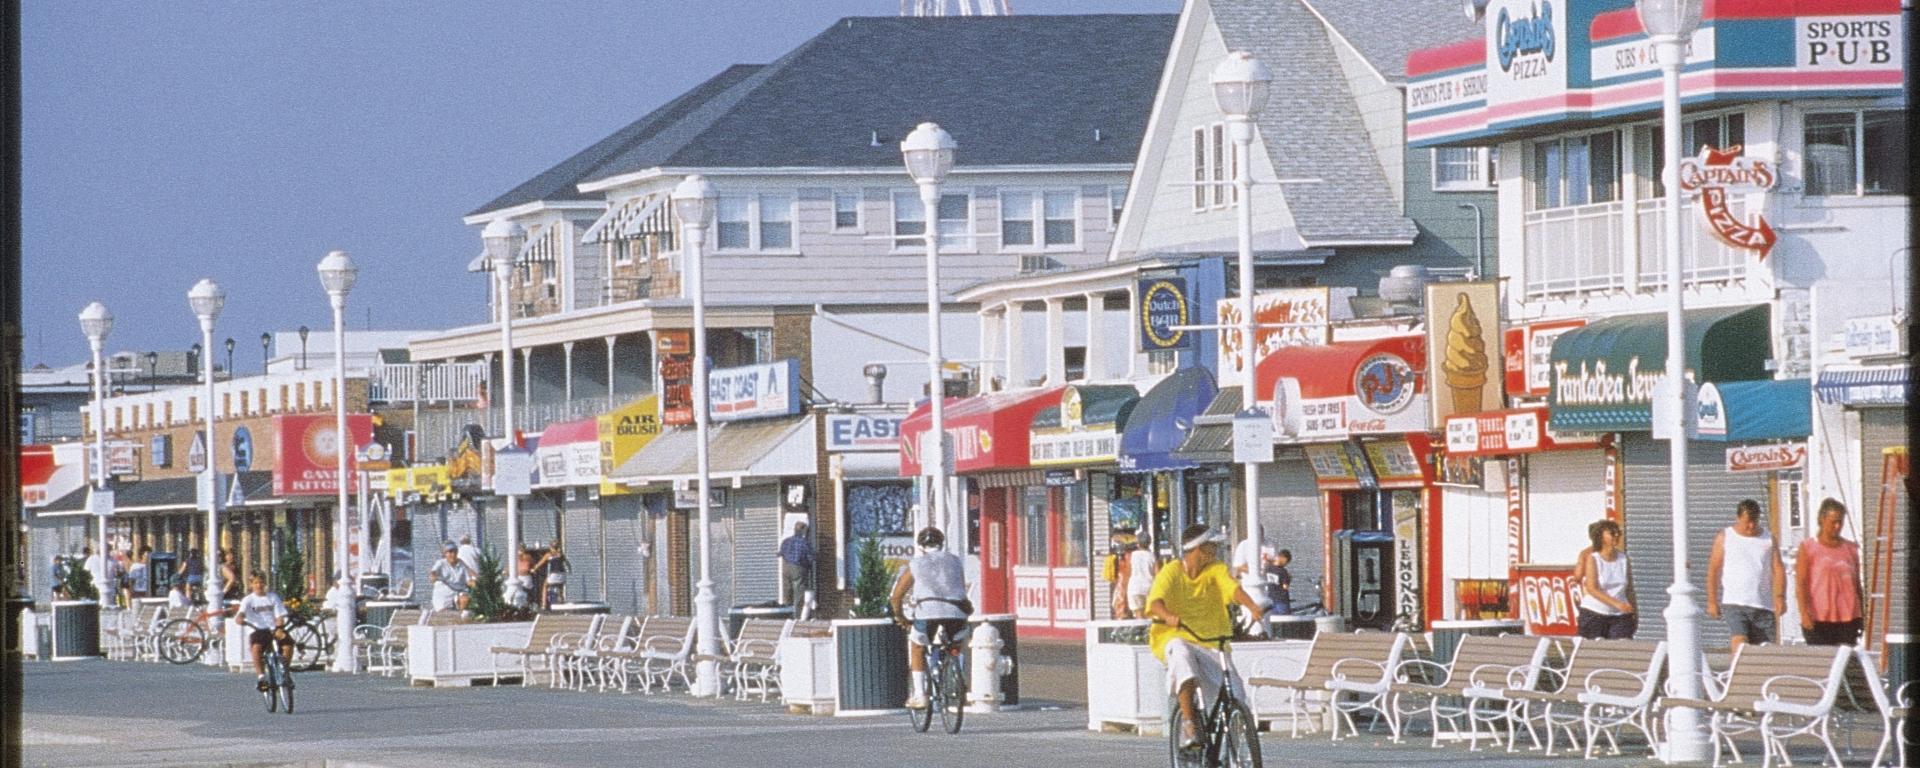 ocean city boardwalk delaware